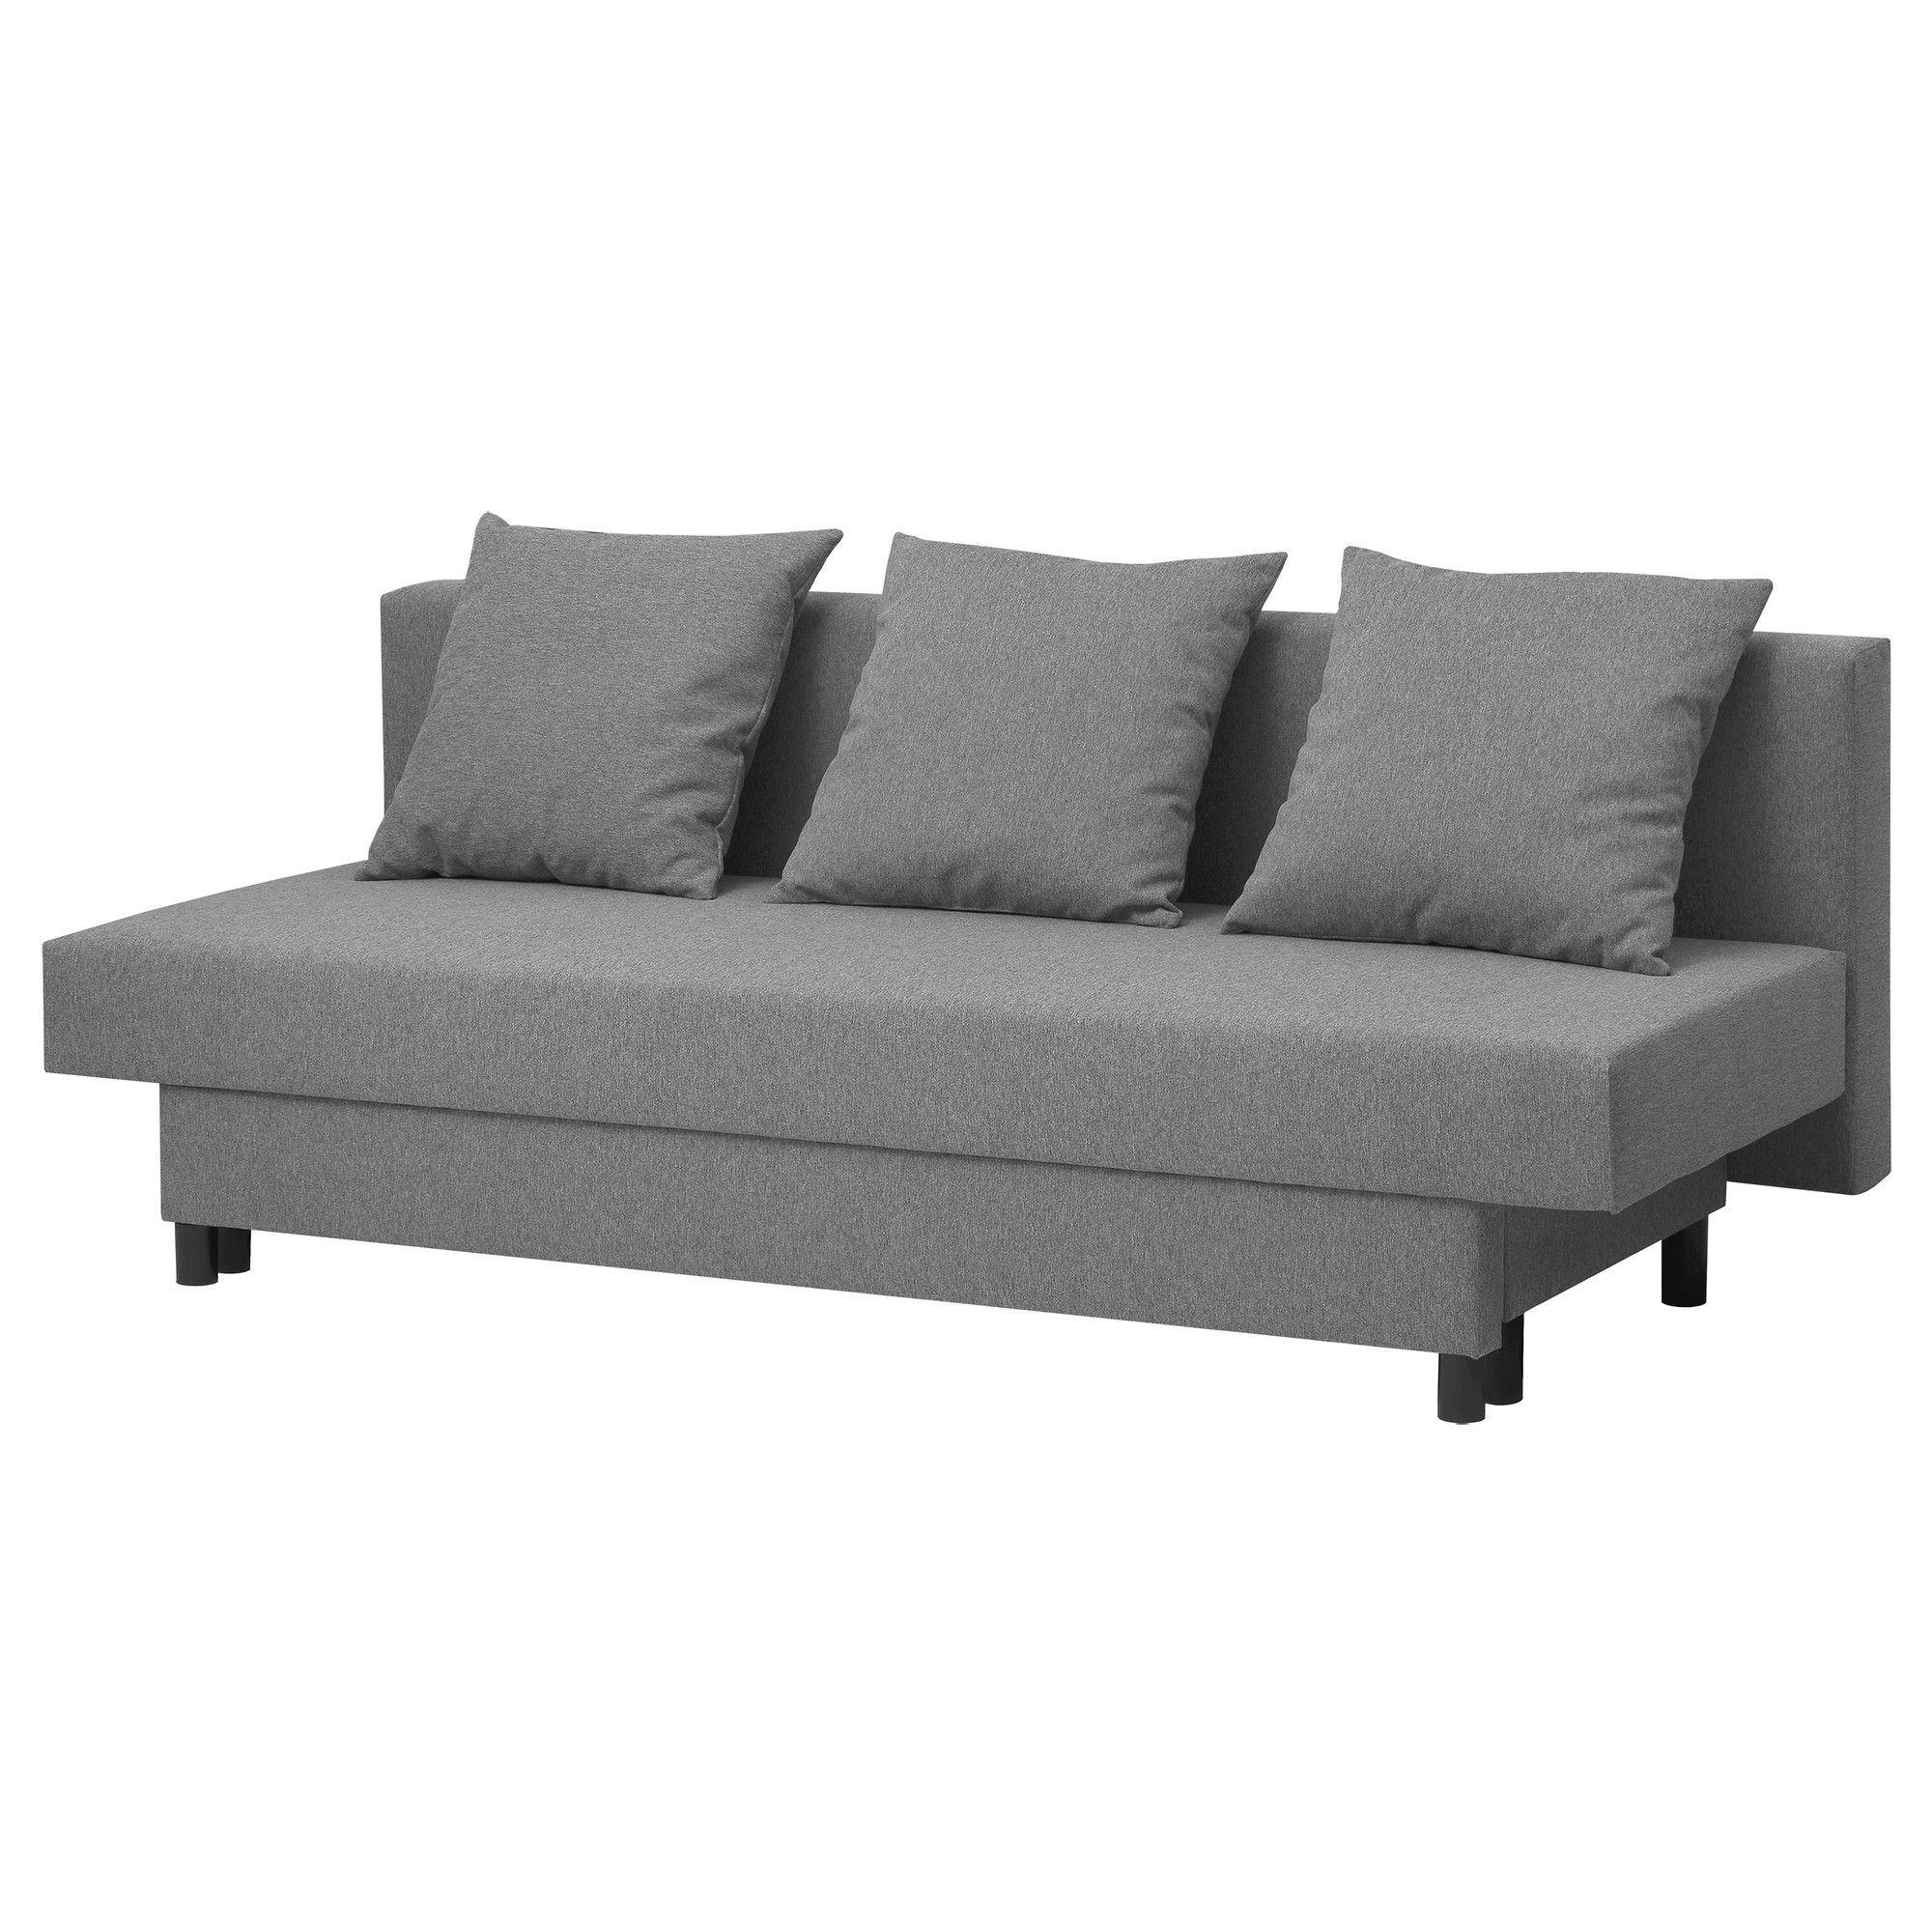 Asarum divano letto a 3 posti grigio cantina ikea for Divano futon ikea